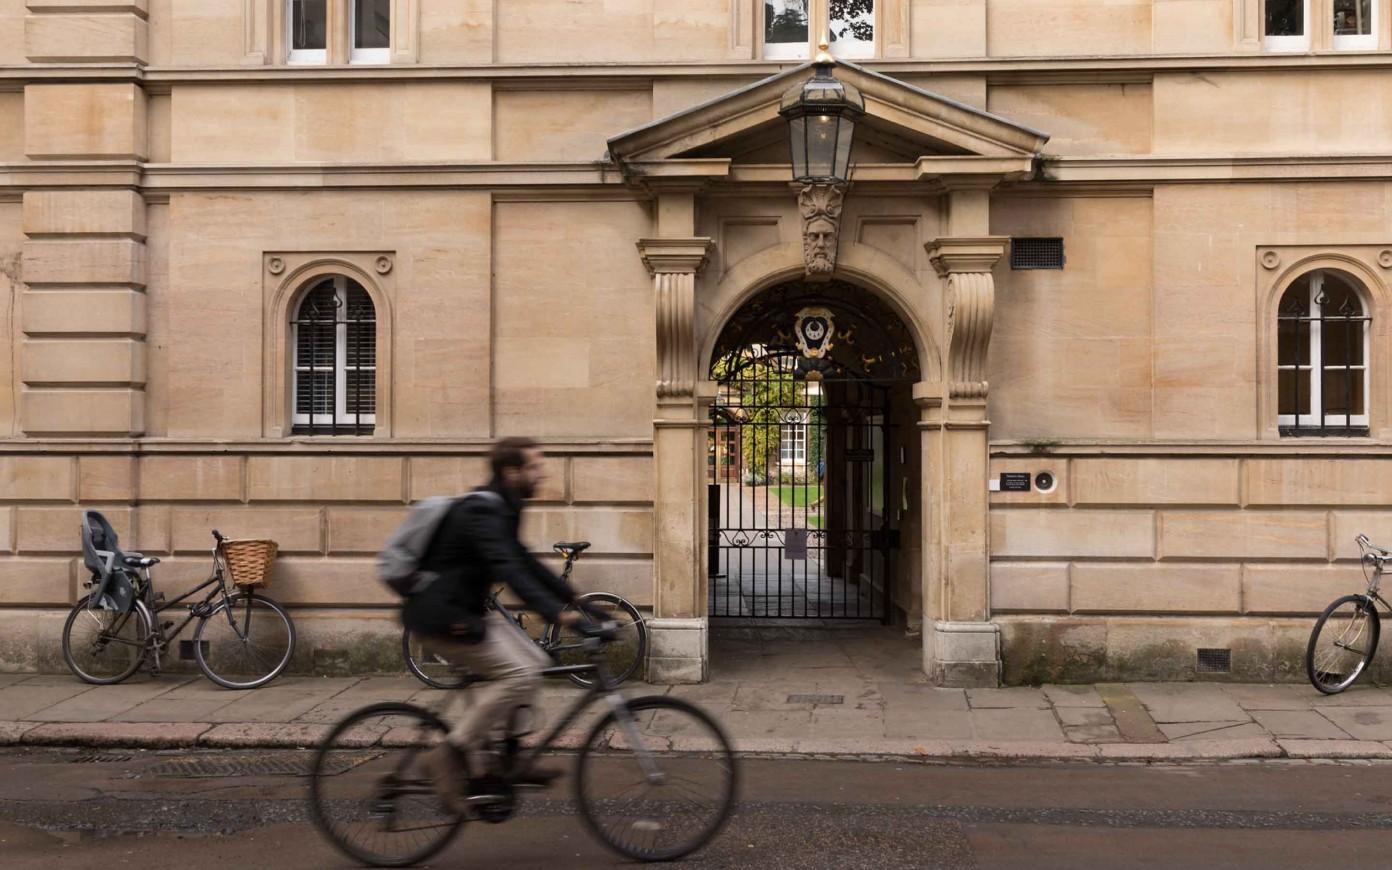 Cycle Cambridge